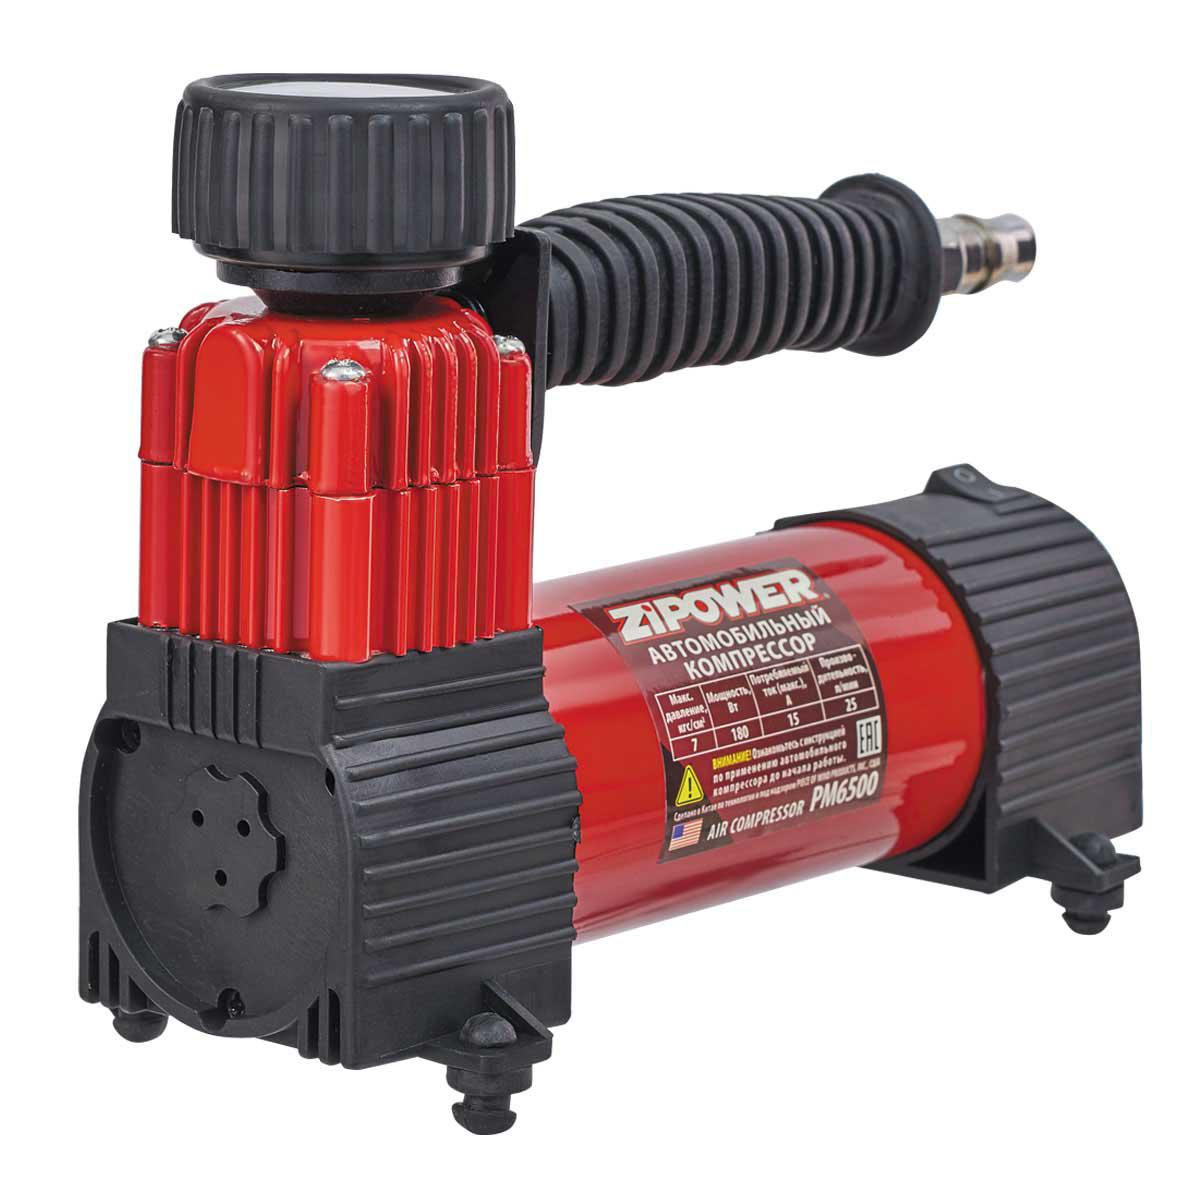 Автомобильный компрессор Zipower Pm6500